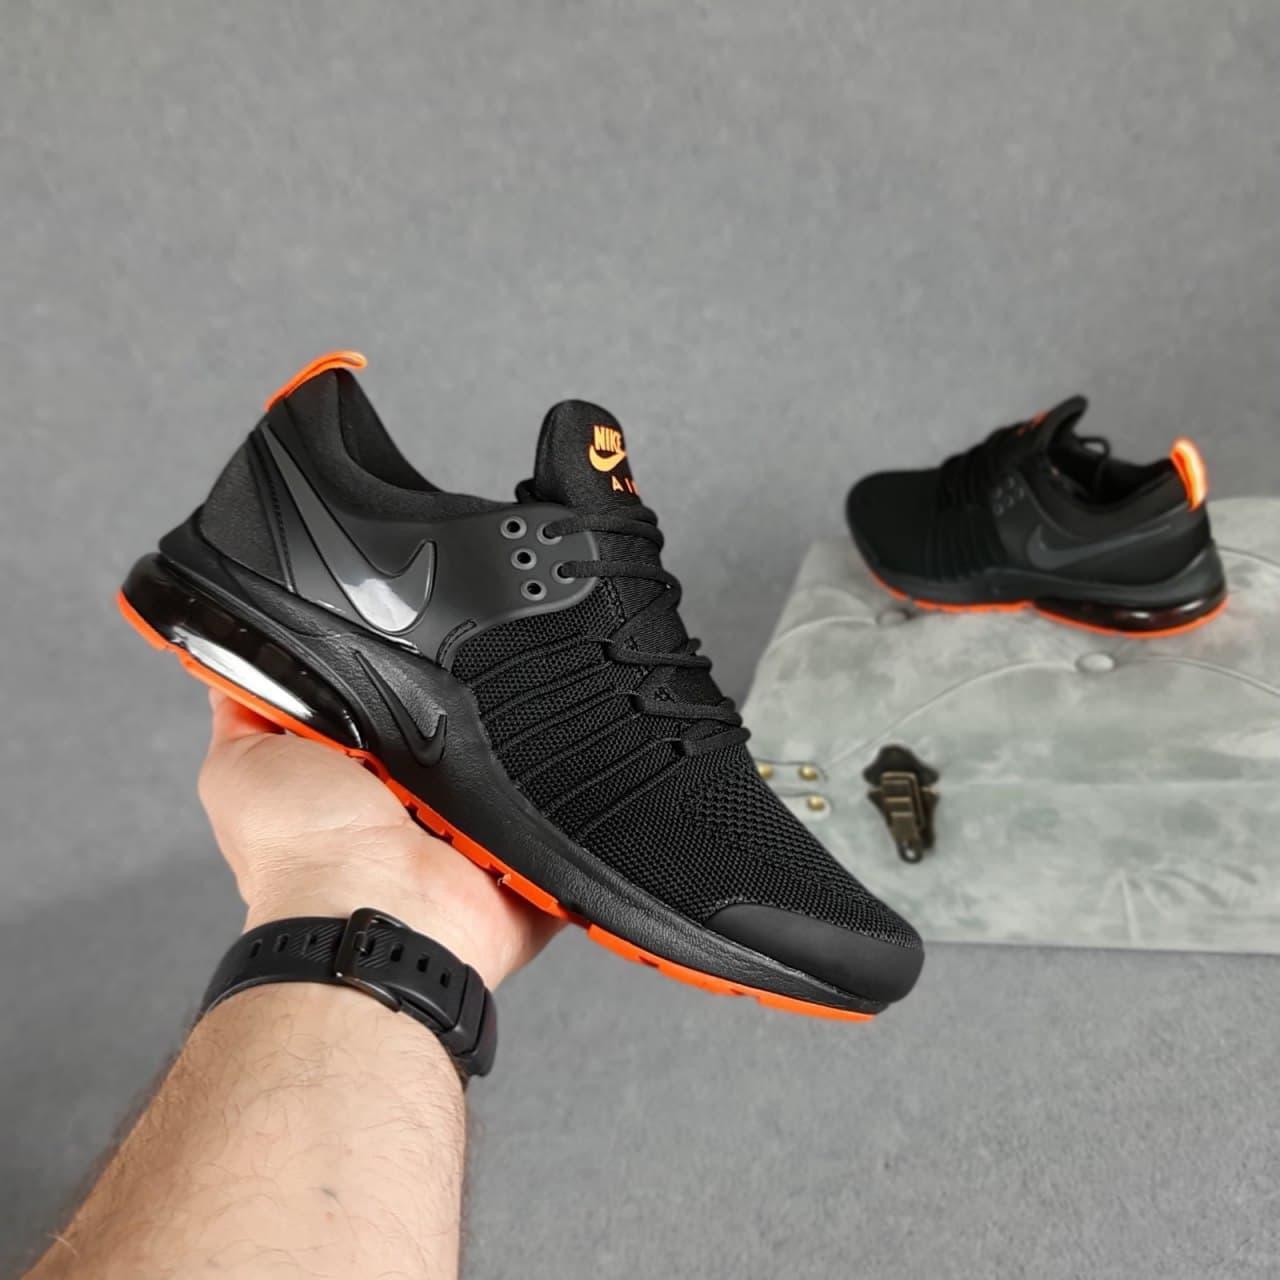 Чоловічі кросівки Nike Air Presto (чорні з помаранчевим) молодіжні кроси на балоні О10463